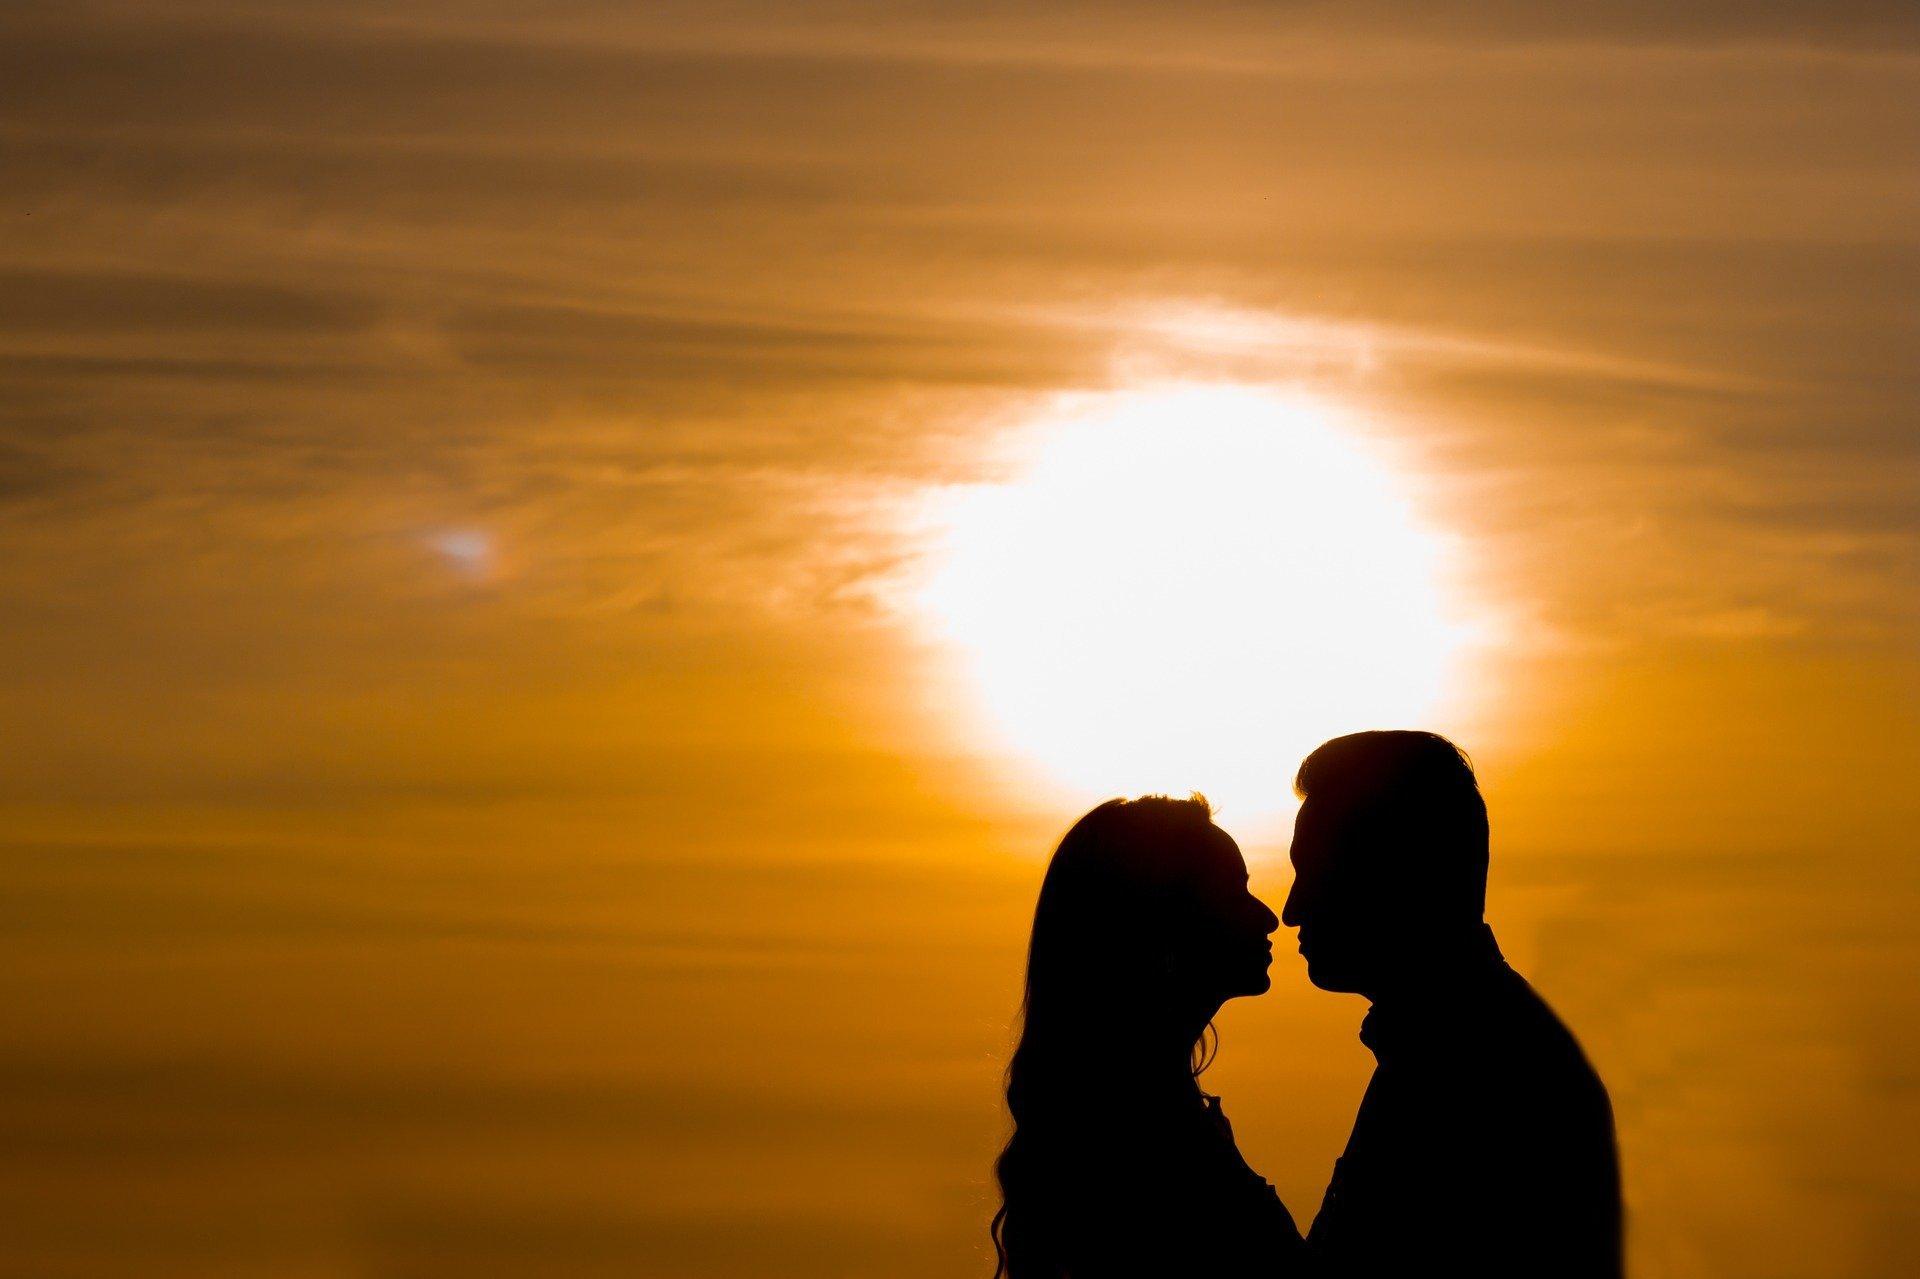 Jangan Berpikiran Negatif Dulu, Ini Alasan Kenapa Pria Suka Minta Dicium - JPNN.com